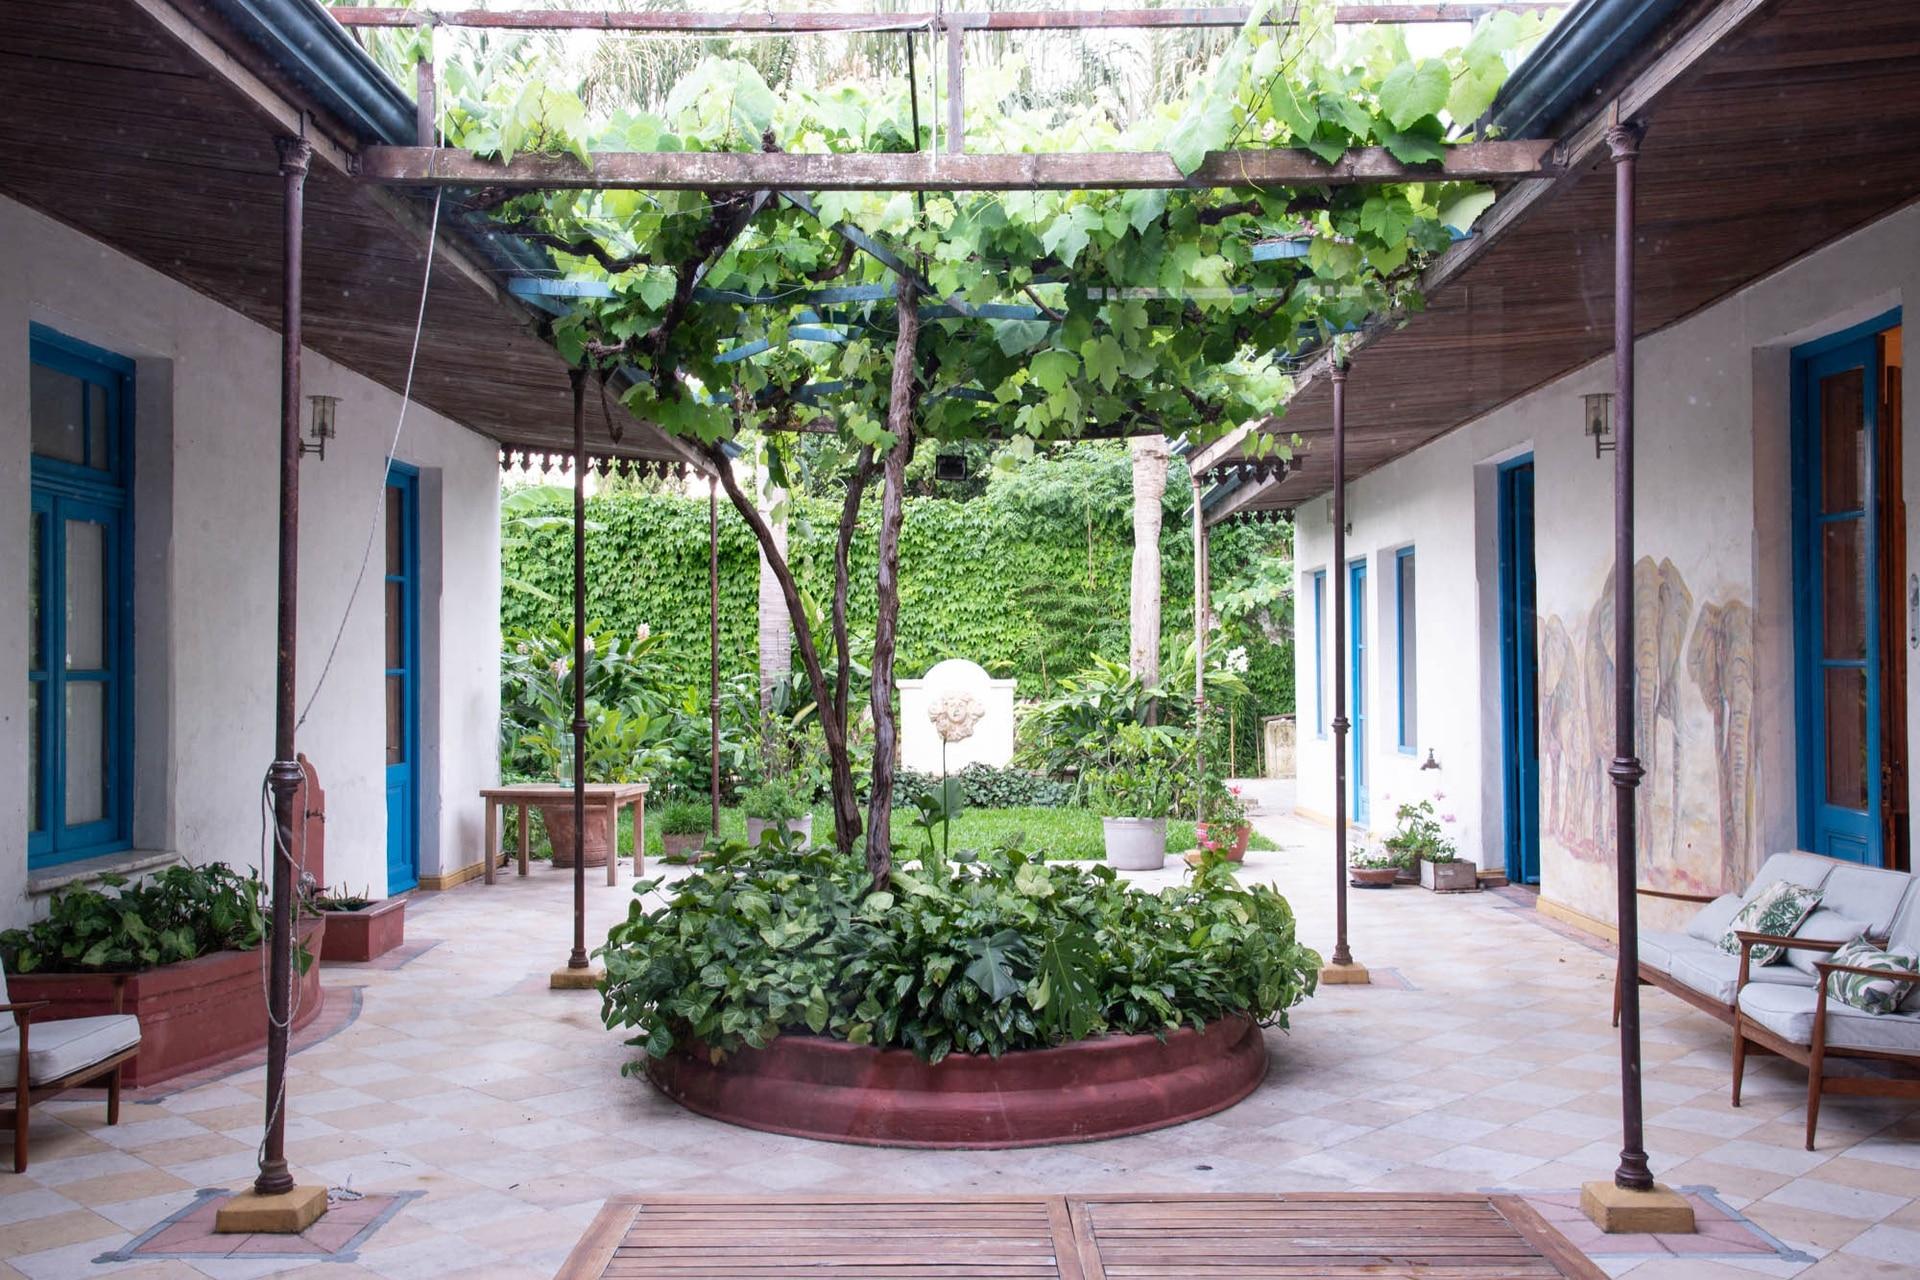 Vista general del patio que une ambas casas, con la pérgola por donde trepa una parra y el cantero central con Syngonium podophyllum.